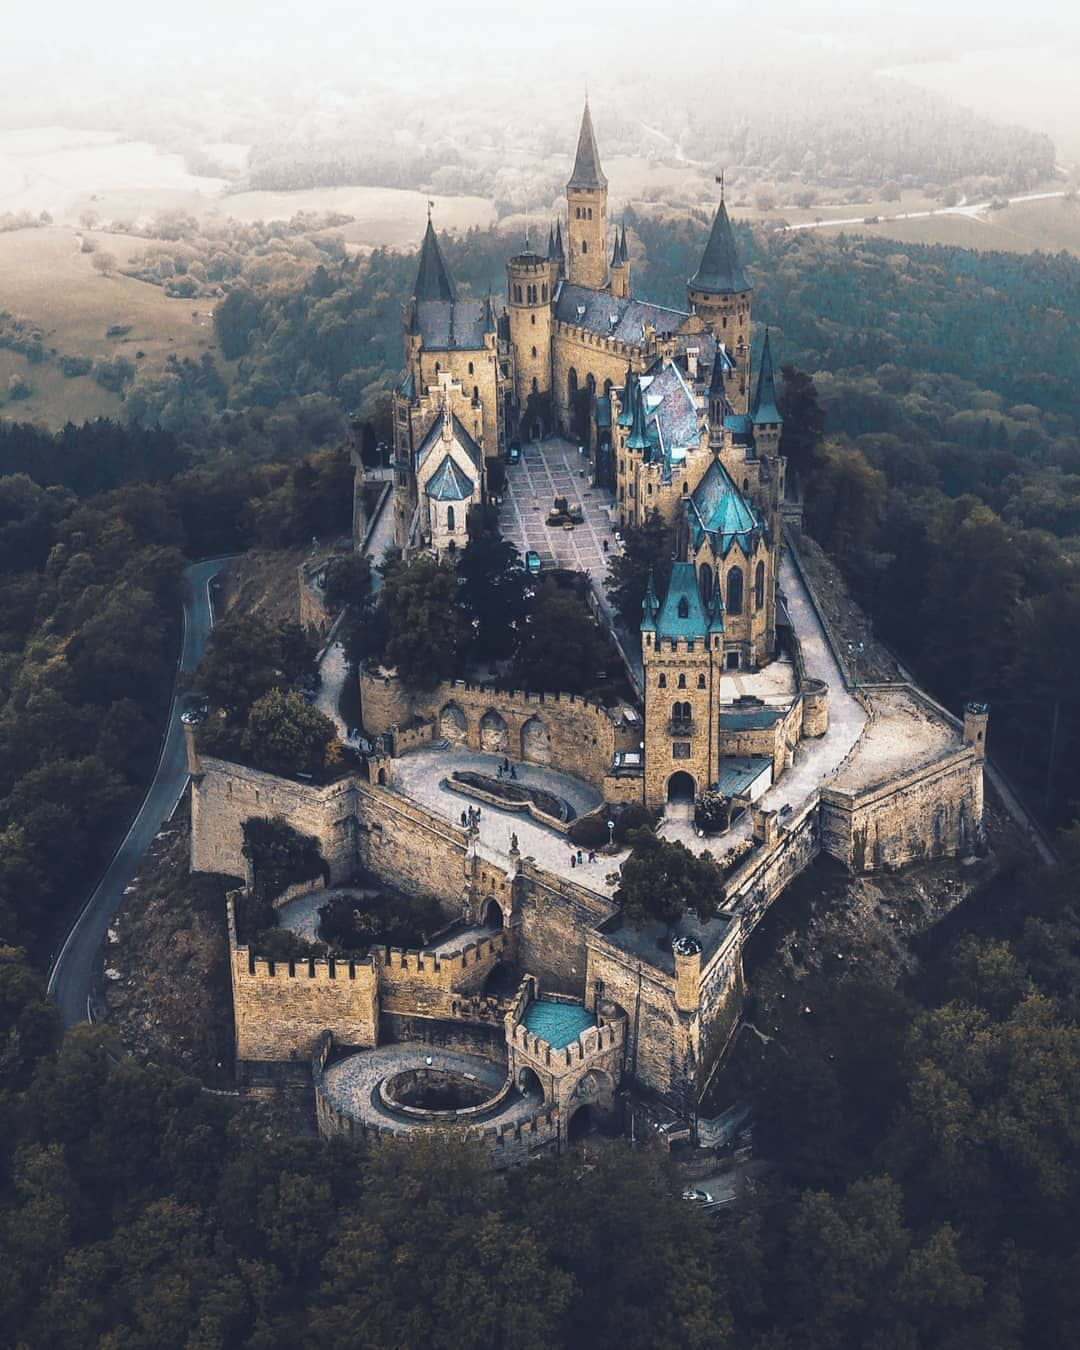 Goruntunun Olasi Icerigi Gokyuzu Ve Acik Hava Hohenzollern Castle Germany Castles Castle